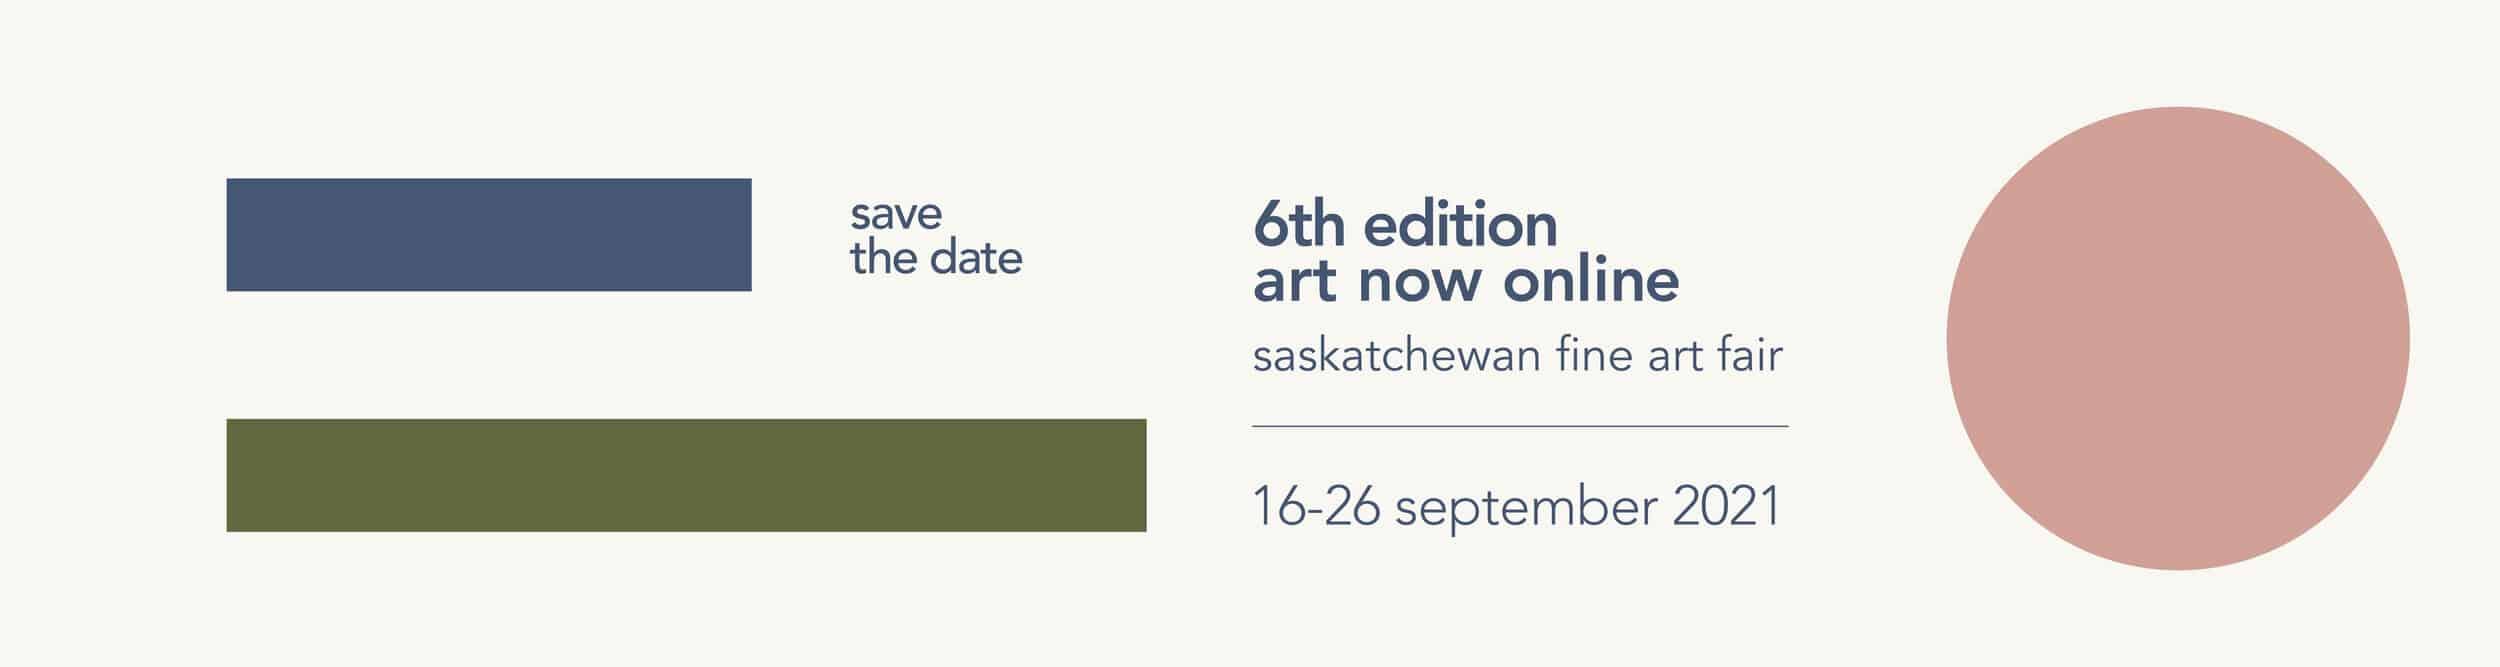 6th edition art now online - saskatchewan fine art fair - 16-26 September 2021